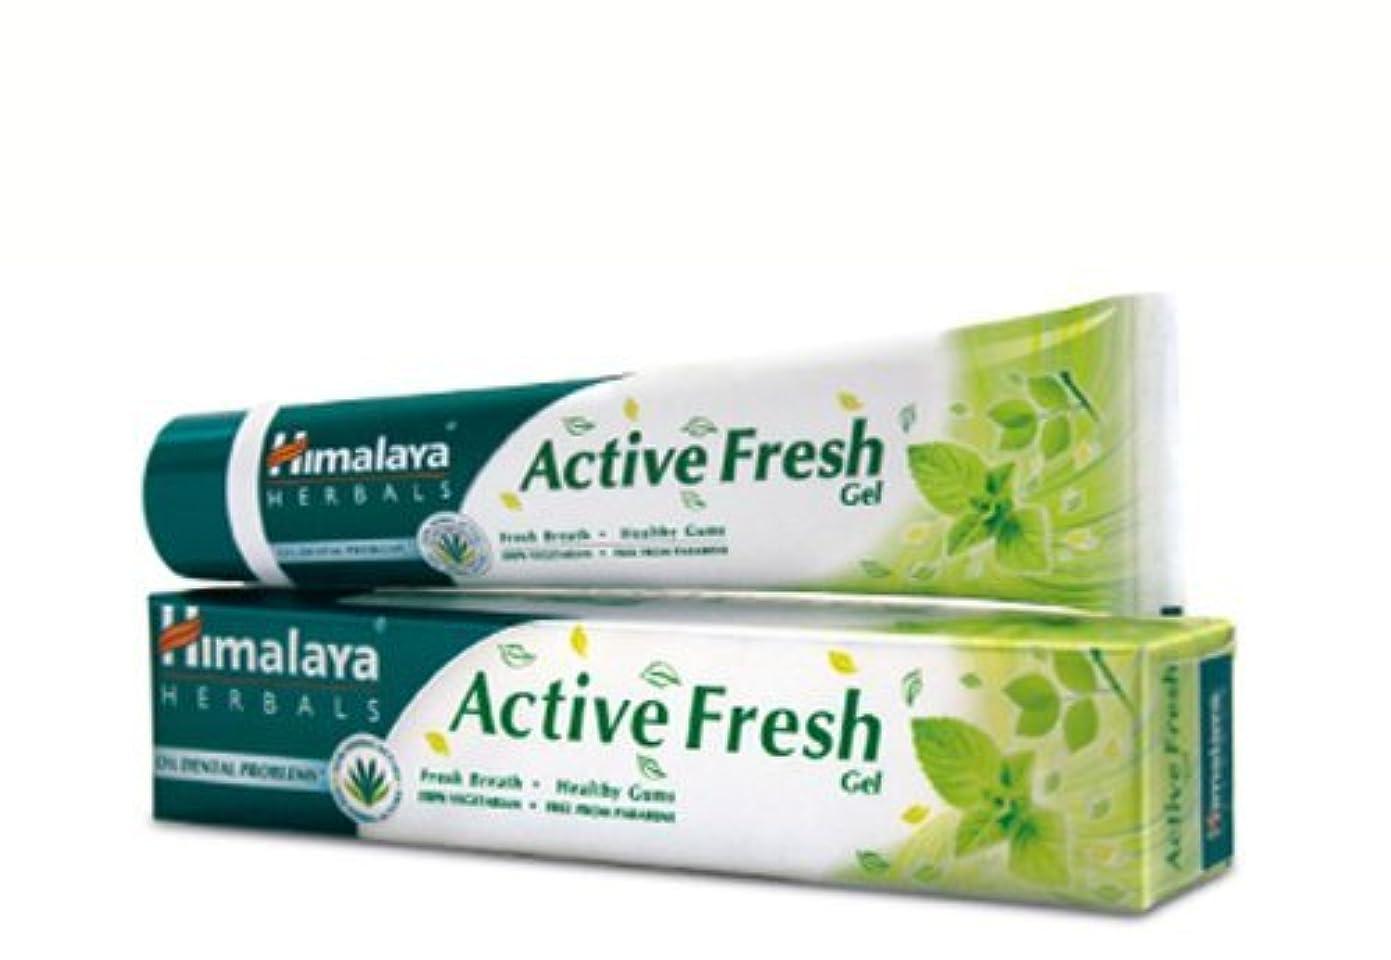 銀行費用天才ヒマラヤ トゥースペイスト アクティブ フレッシュ(歯磨き粉)80g×4本 Himalaya Active Fresh Toothpaste